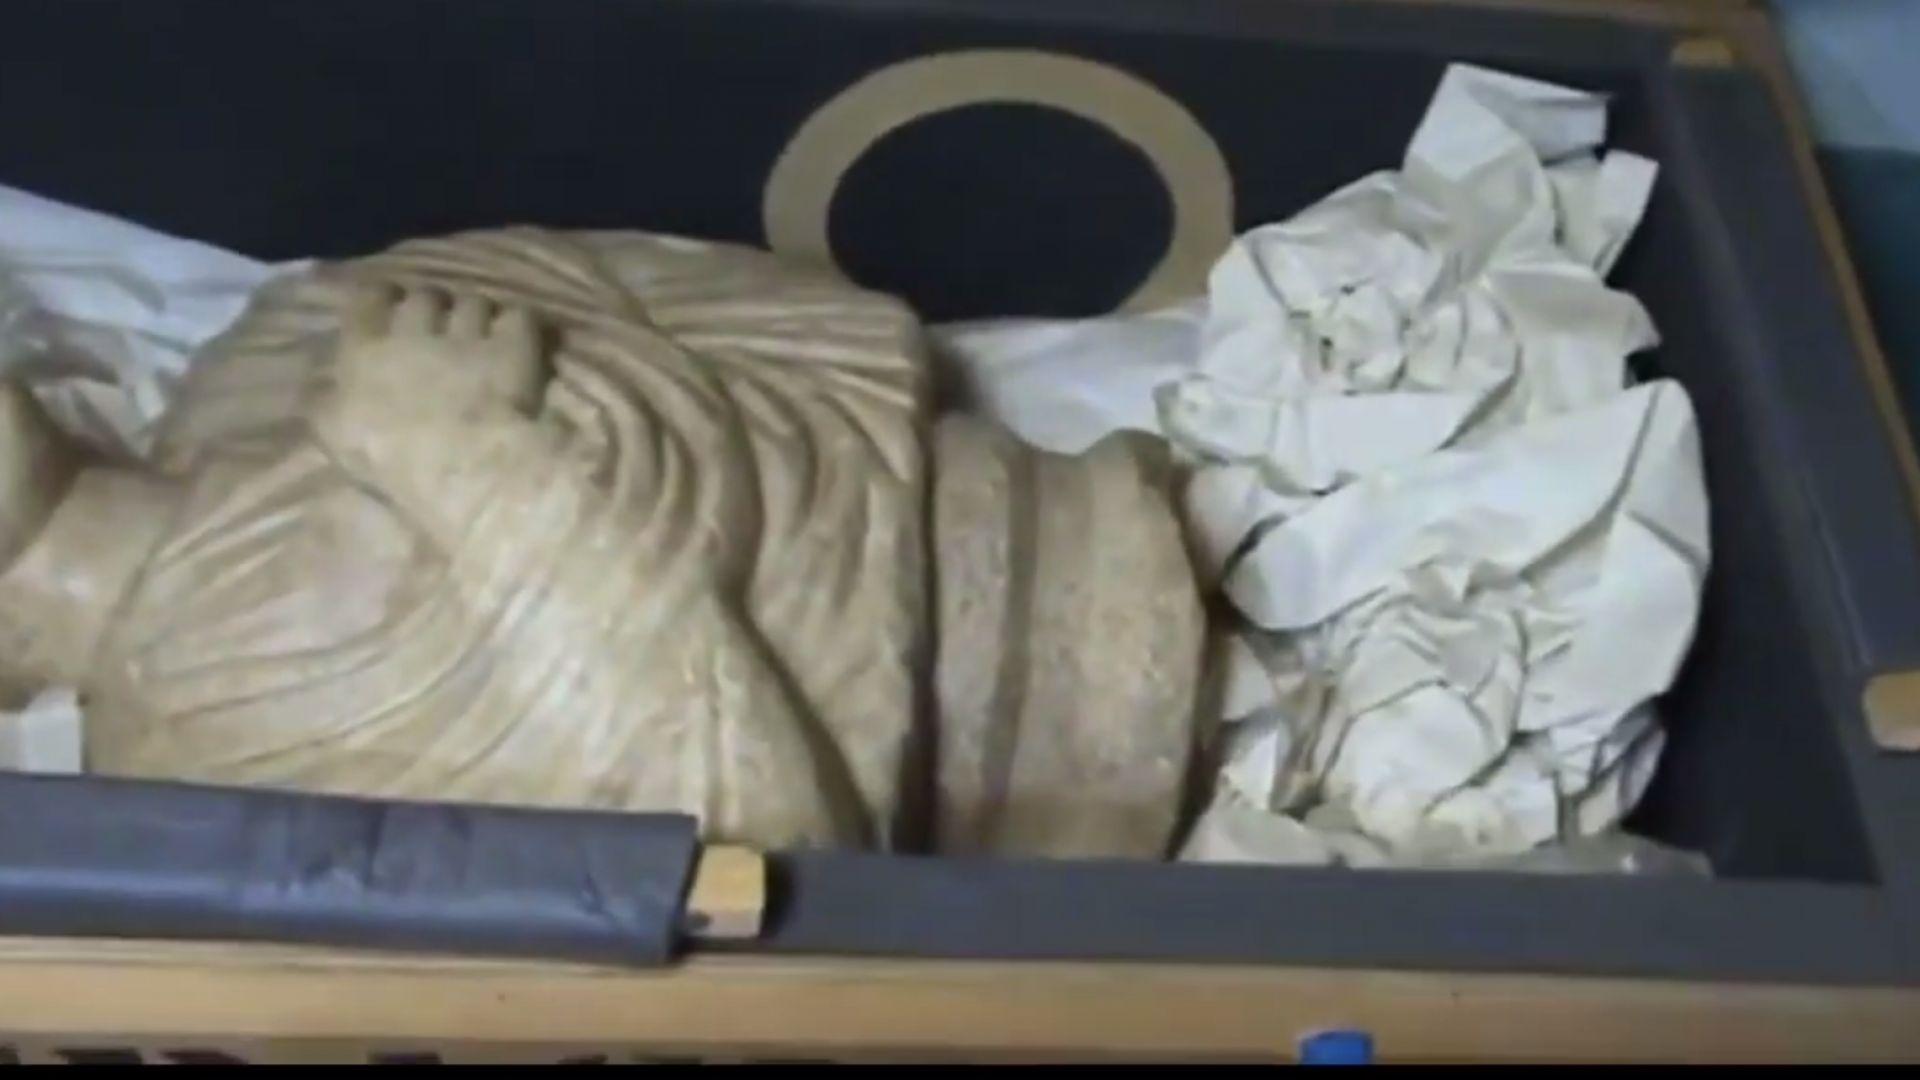 Иззеха още 268 антики от гараж и абонатна станция в офиса на Божков (видео)